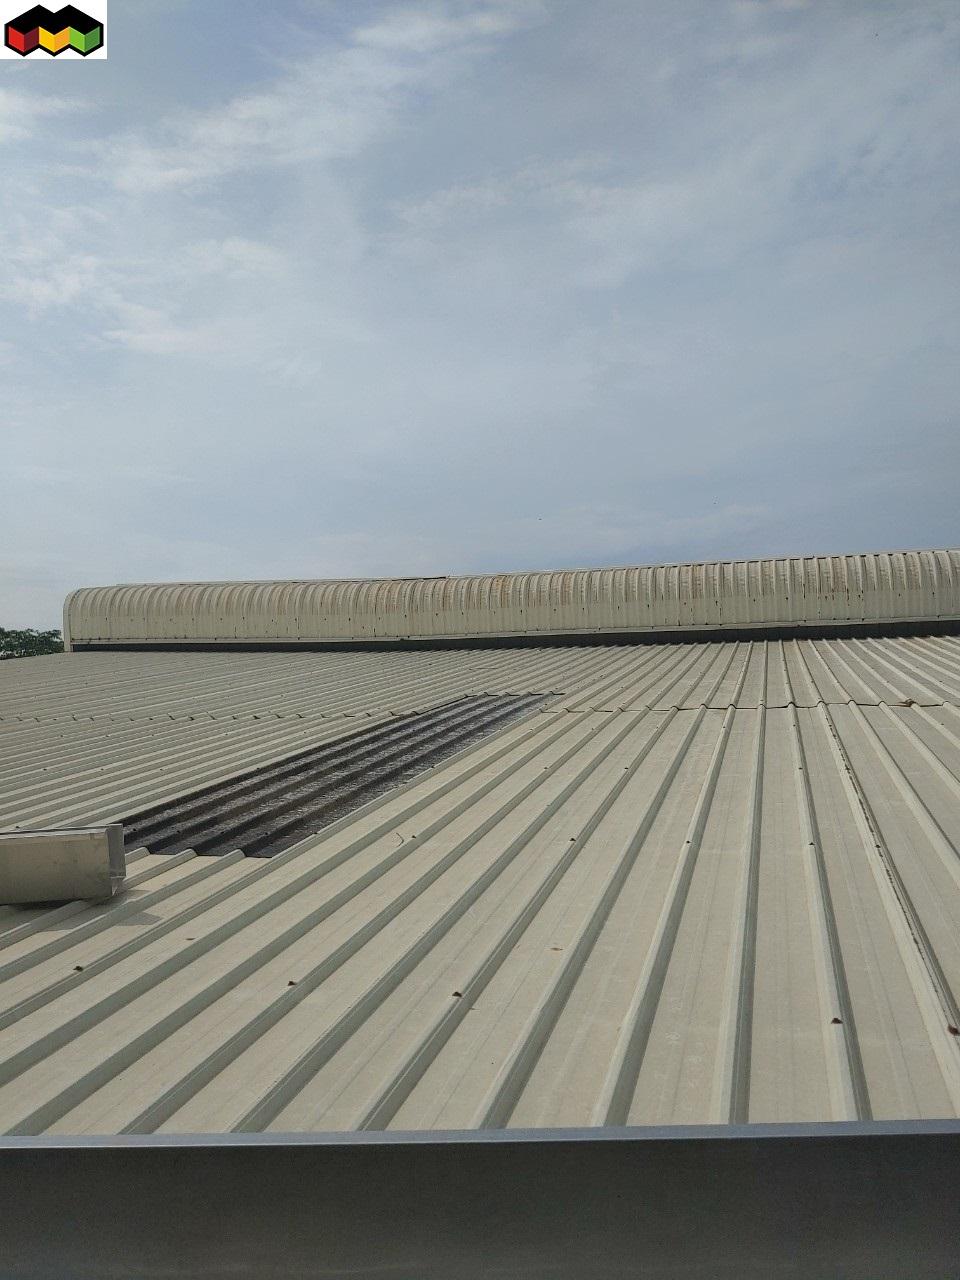 làm mái tôn ở tại quận Bình Tân - dịch vụ làm mái tôn tại quận Thanh Xuân - Mái Nhà Đẹp - 0368115251